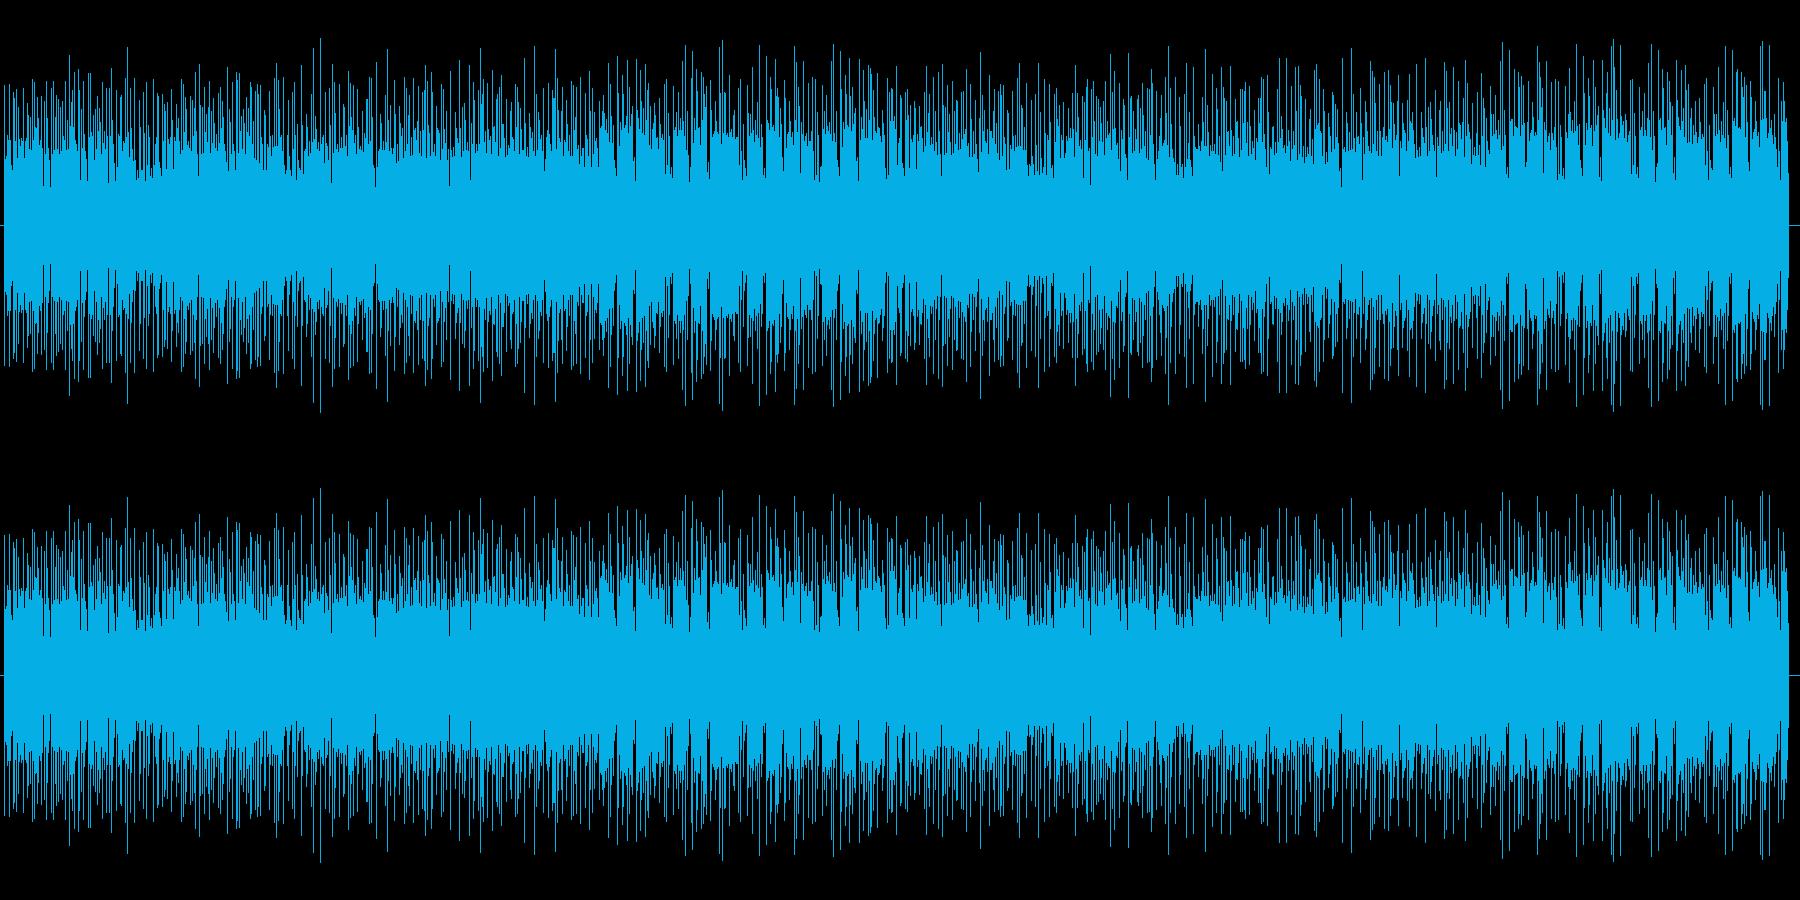 ロックマン風の音楽です。の再生済みの波形